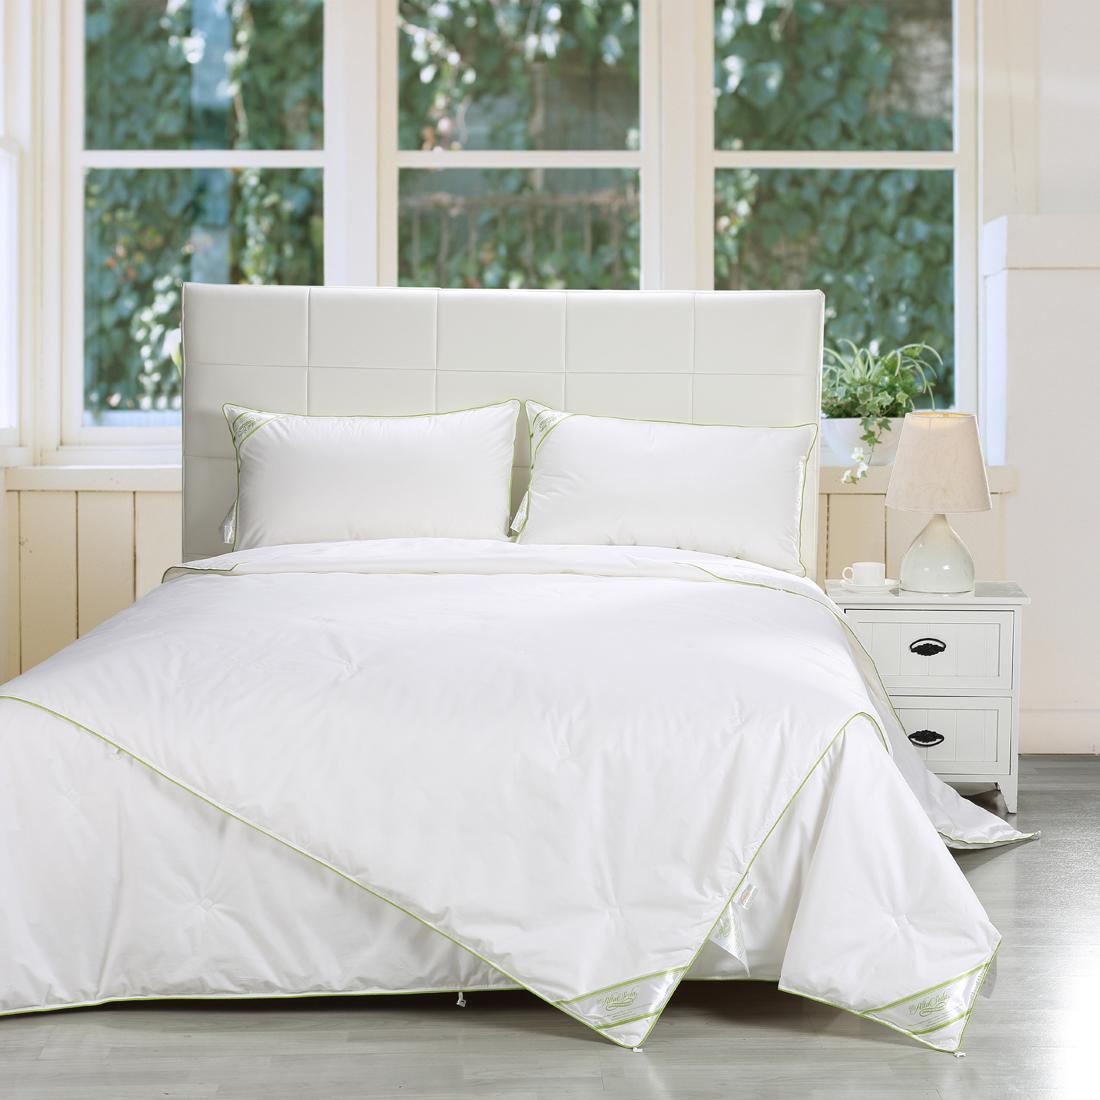 AltaSeda en tu cama en cualquier época del año